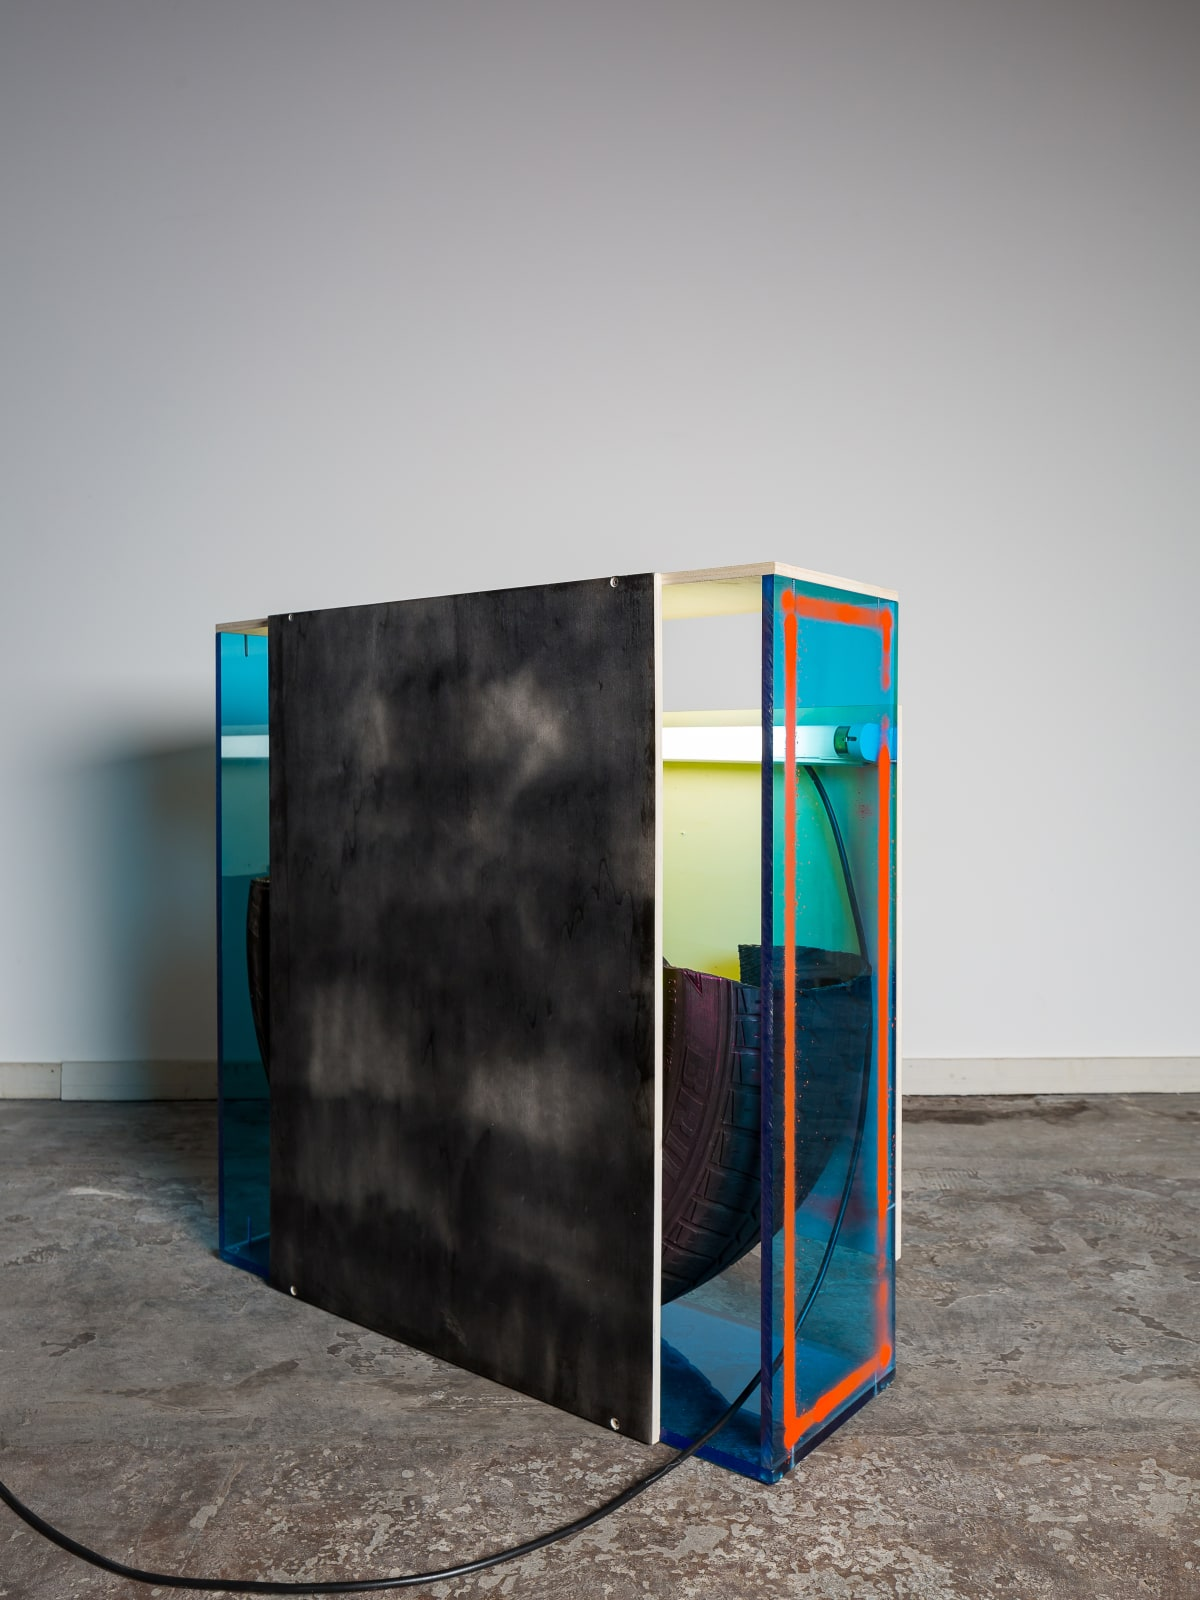 Thomas van Linge, Untitled, 2019